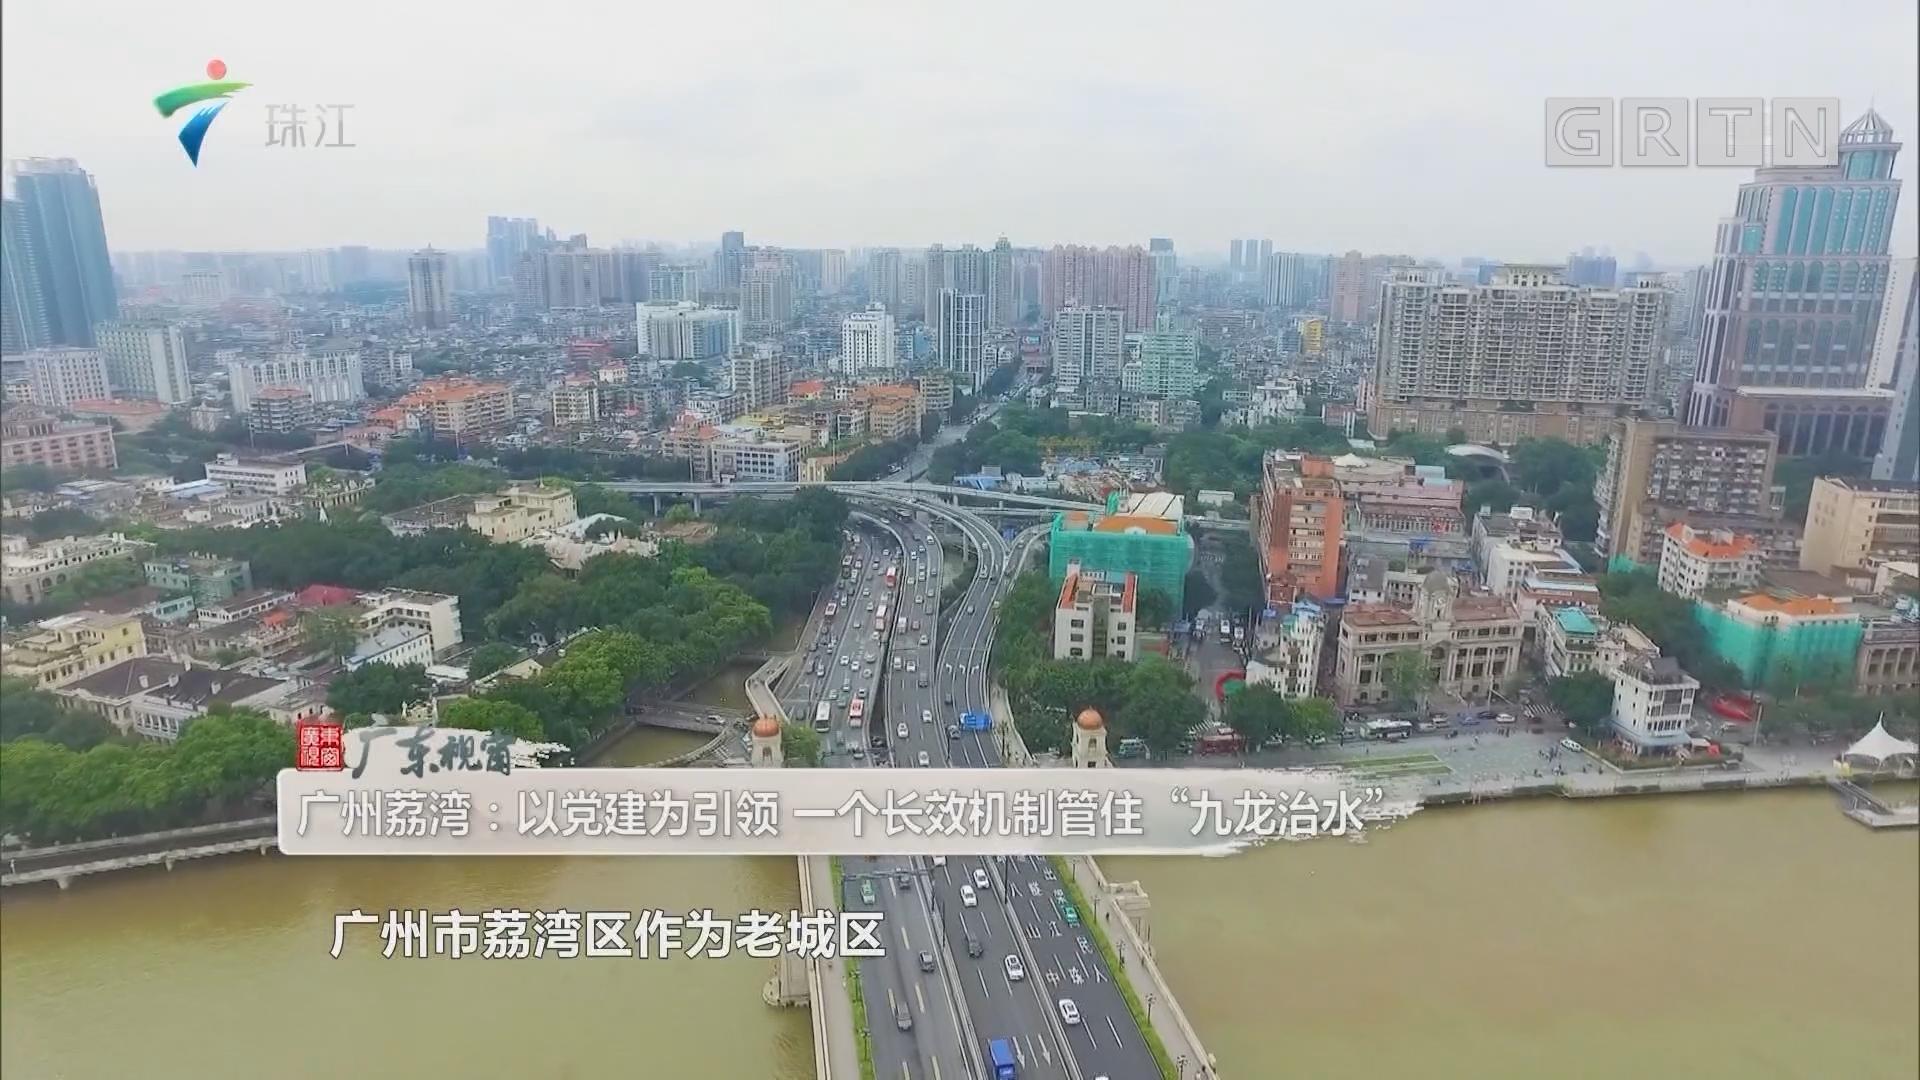 """[HD][2019-07-20]广东视窗:广州荔湾 以党建为引领 一个长效机制管住""""九龙治水"""""""